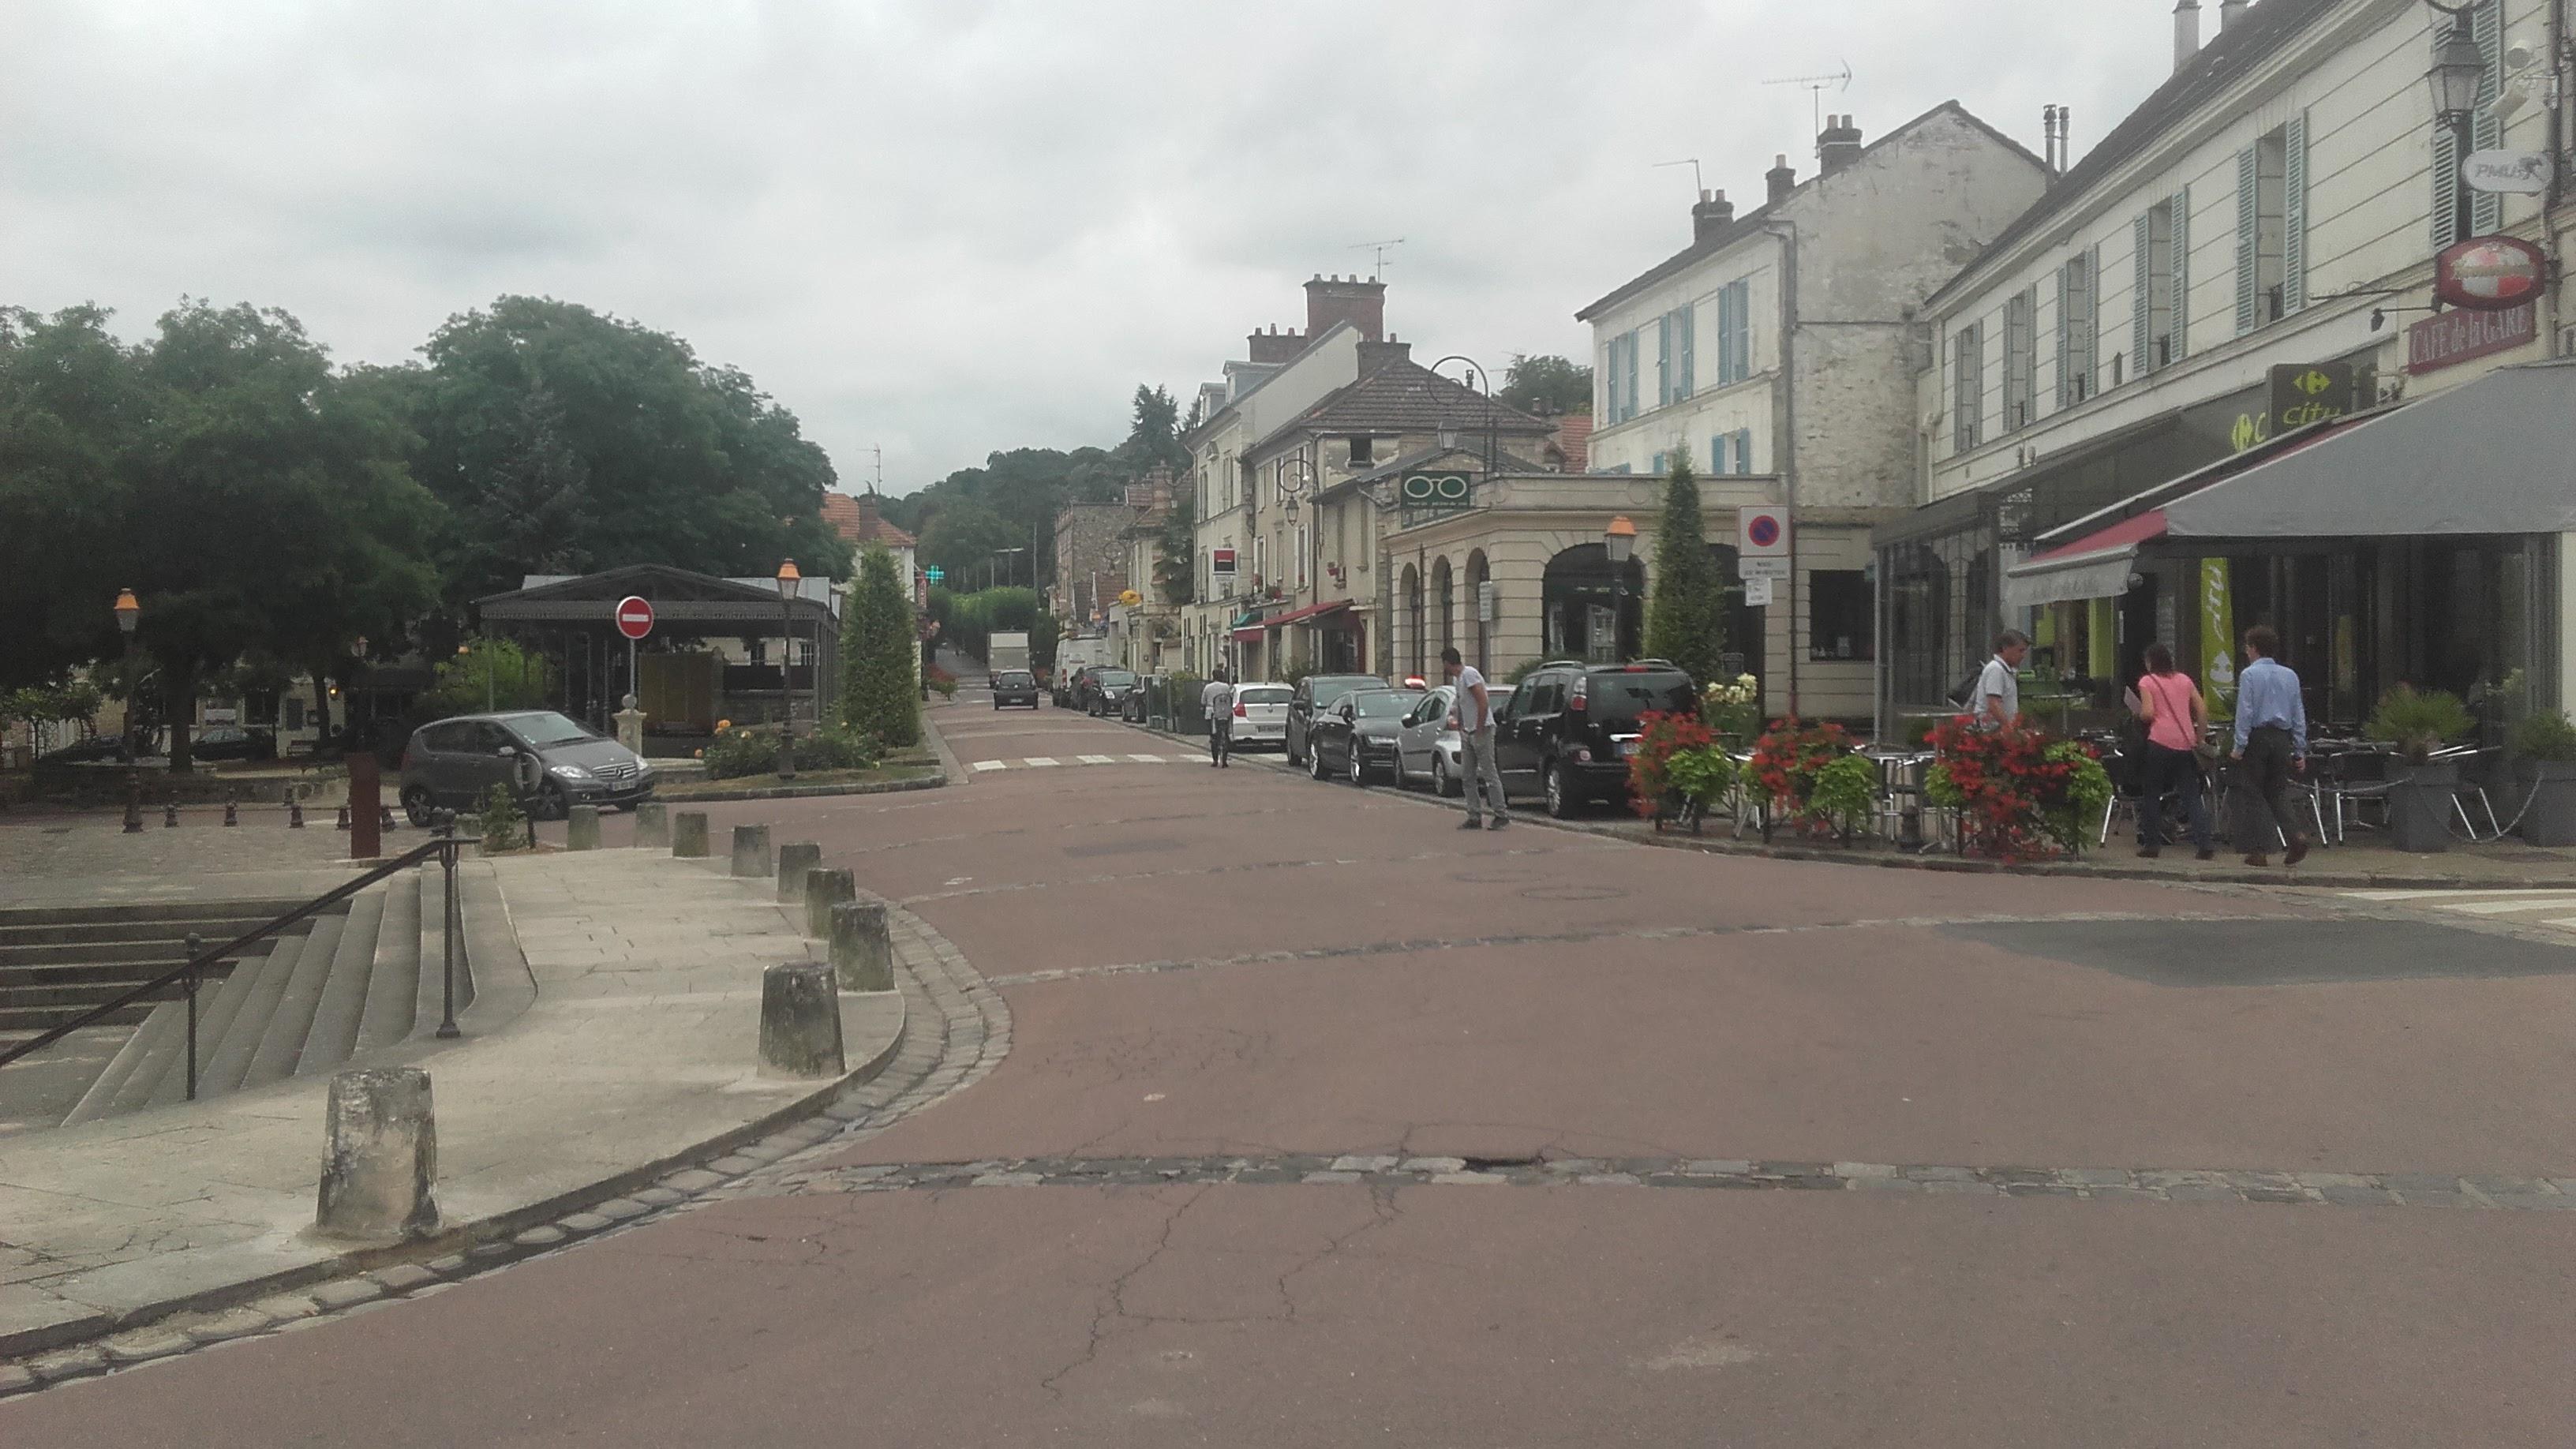 Les commerces de Villennes sur Seine